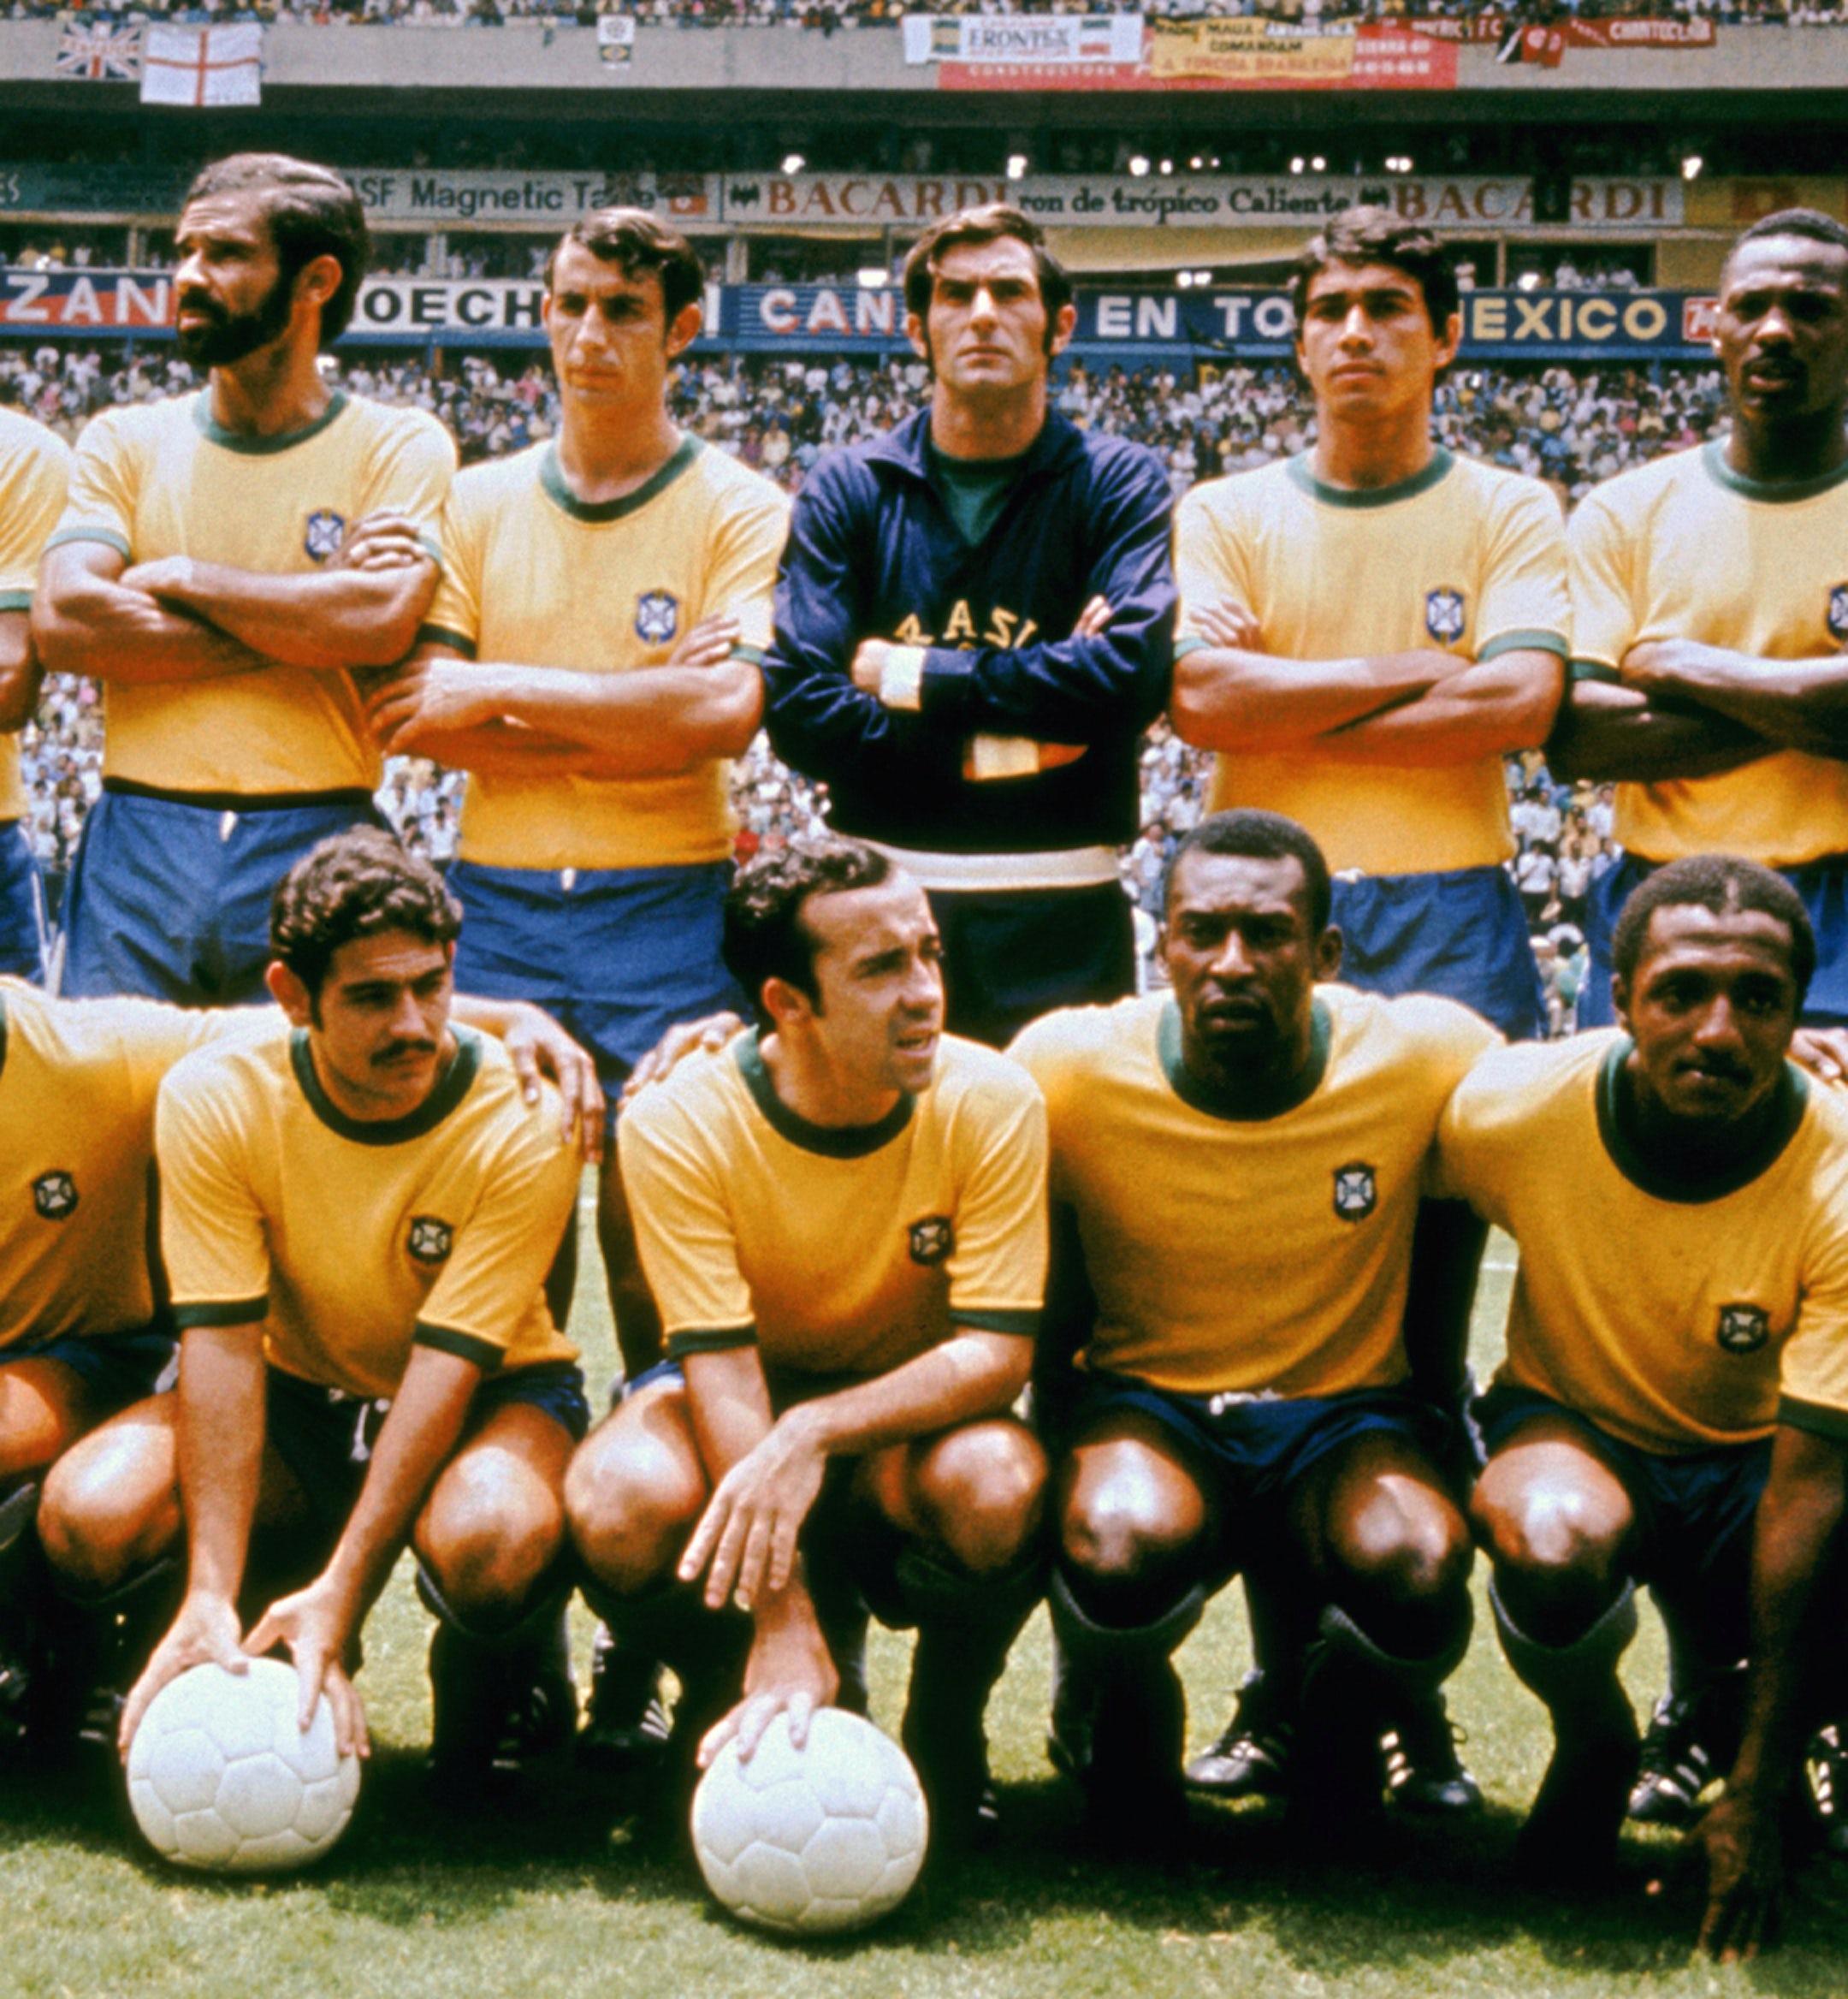 brazil jersey hero